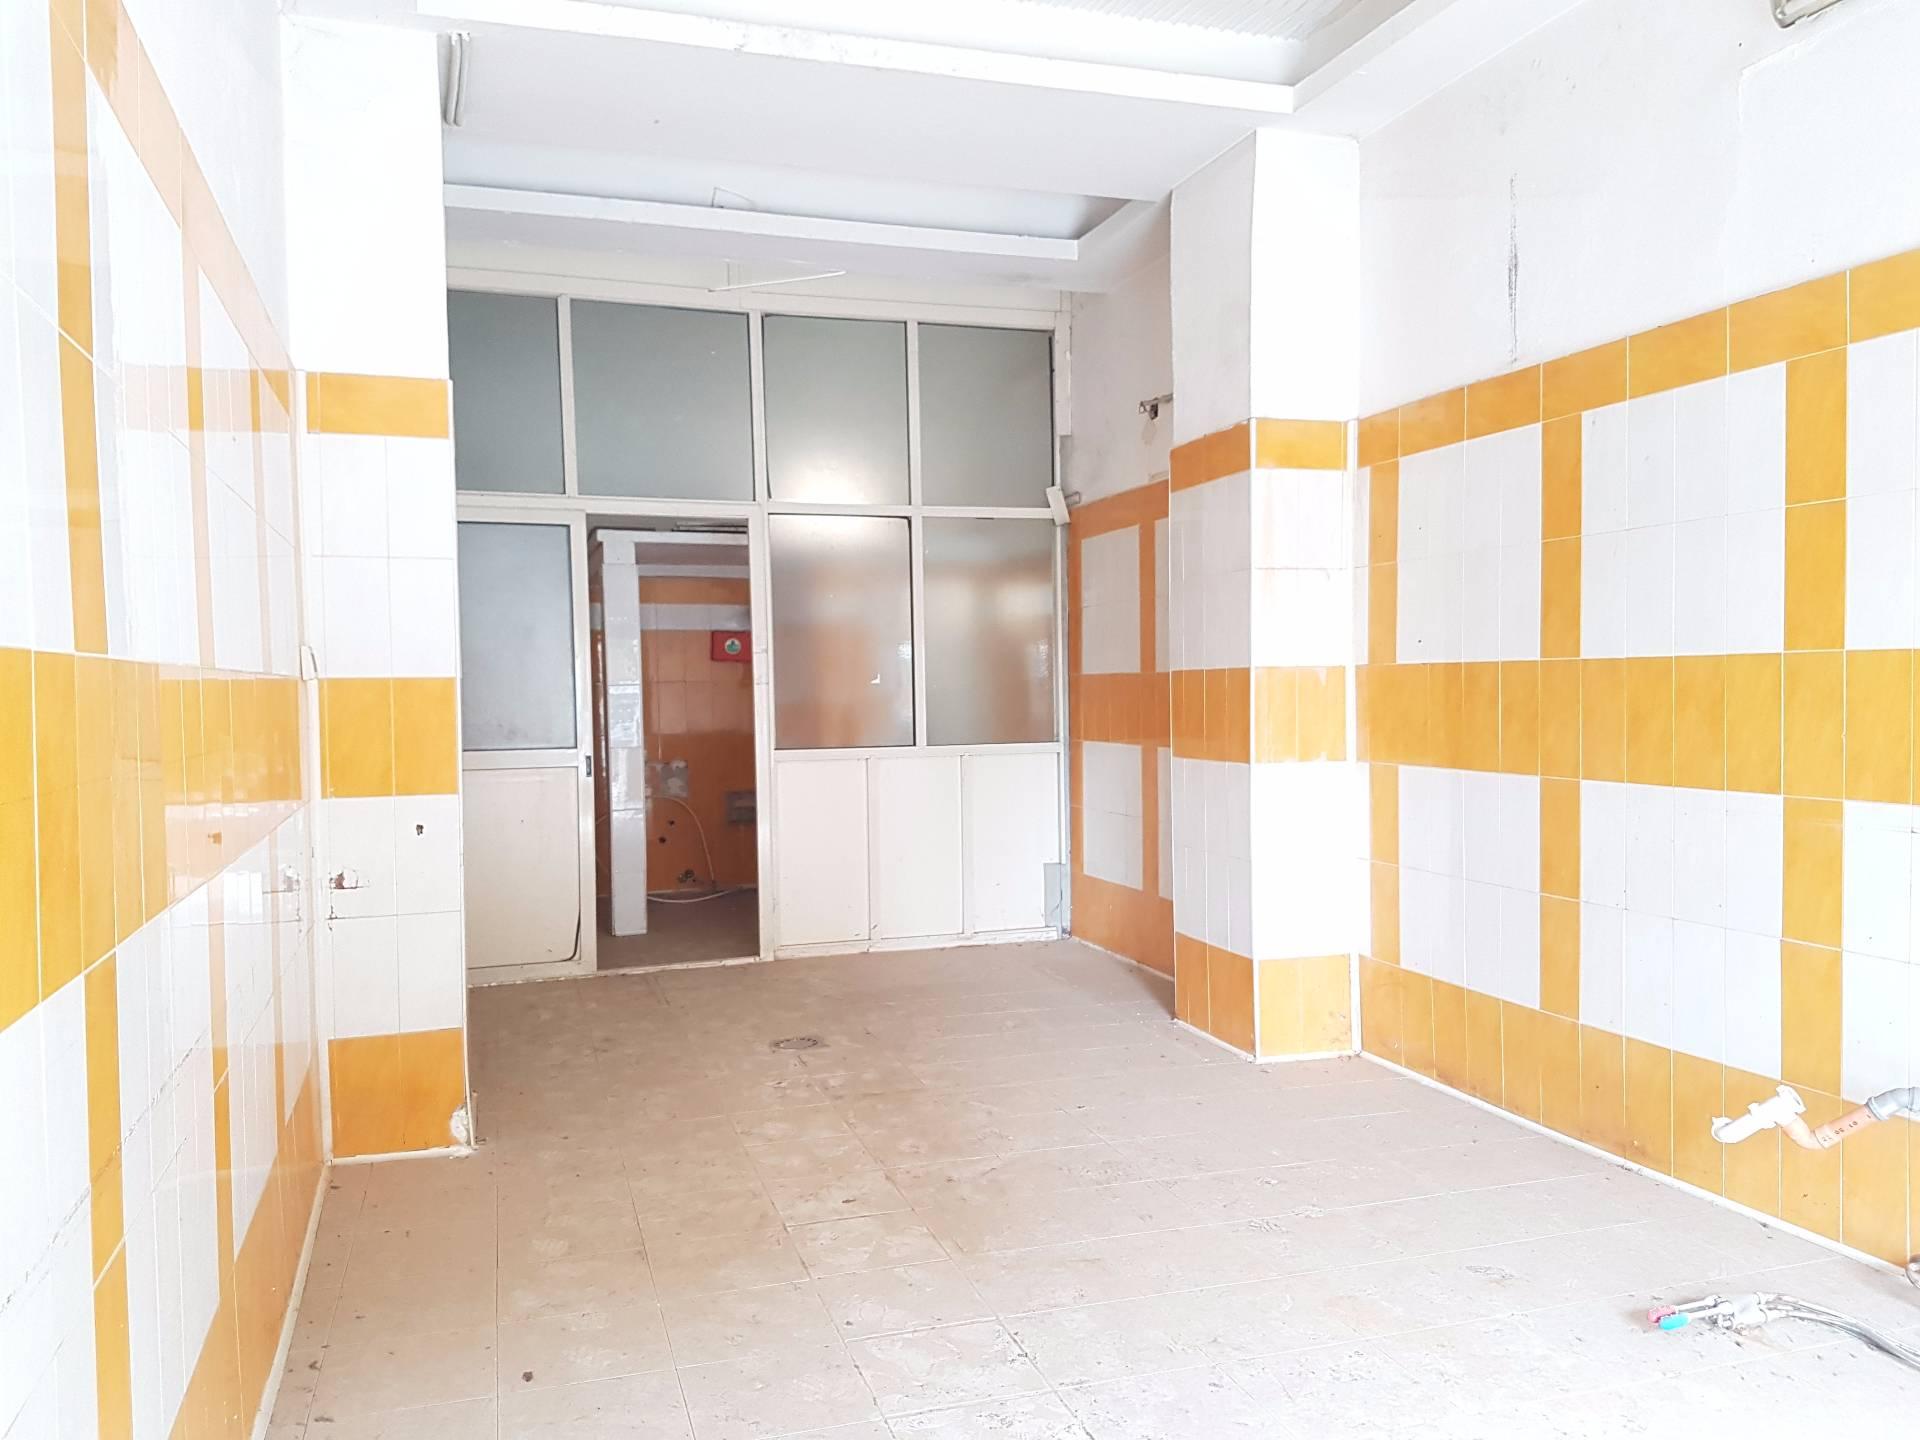 Negozio / Locale in vendita a Palermo, 9999 locali, prezzo € 65.000 | Cambio Casa.it